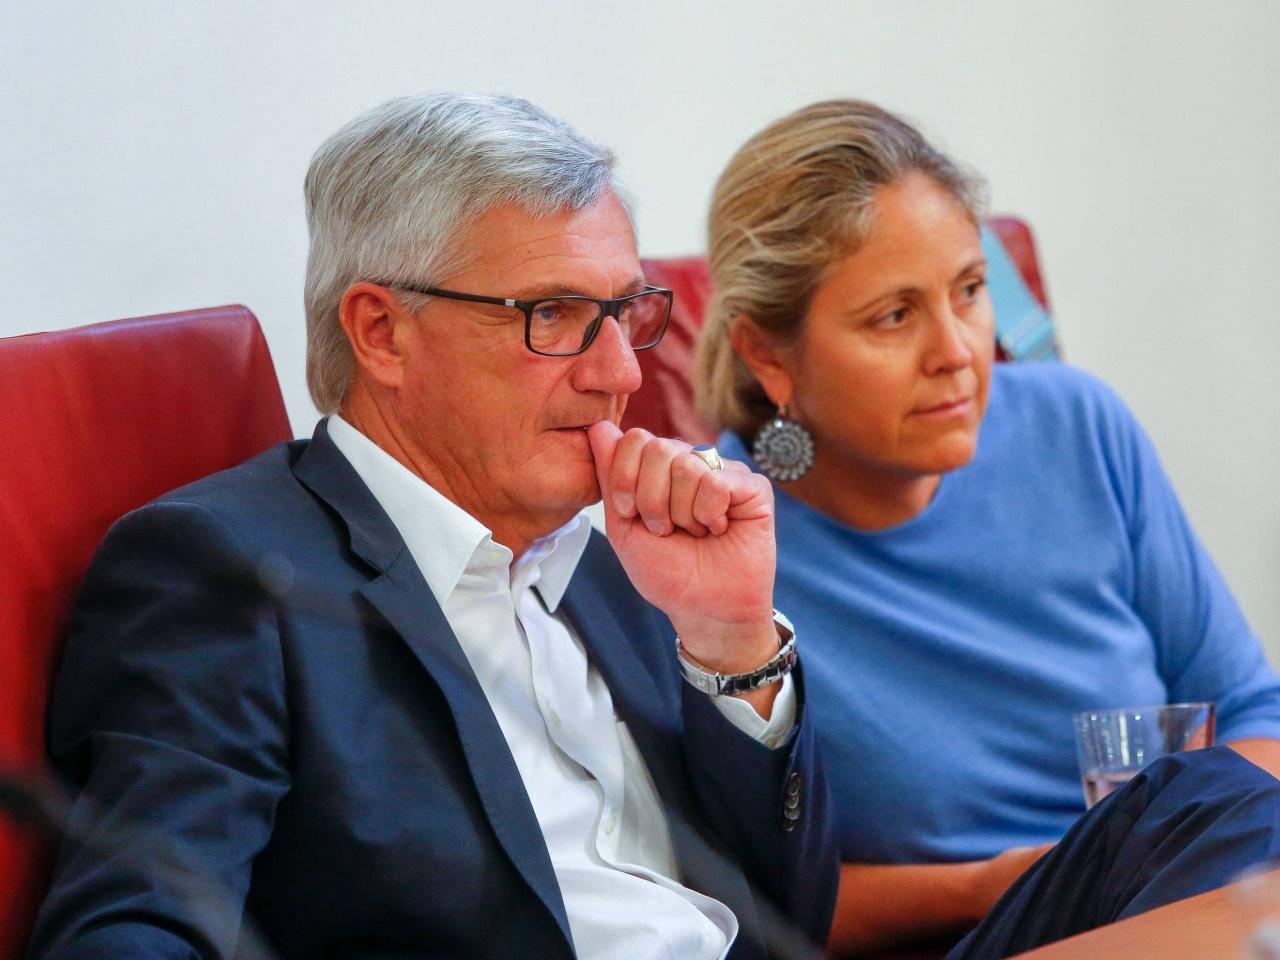 Stadt-ÖVP: Unterkofler auf Platz zwei erwartet